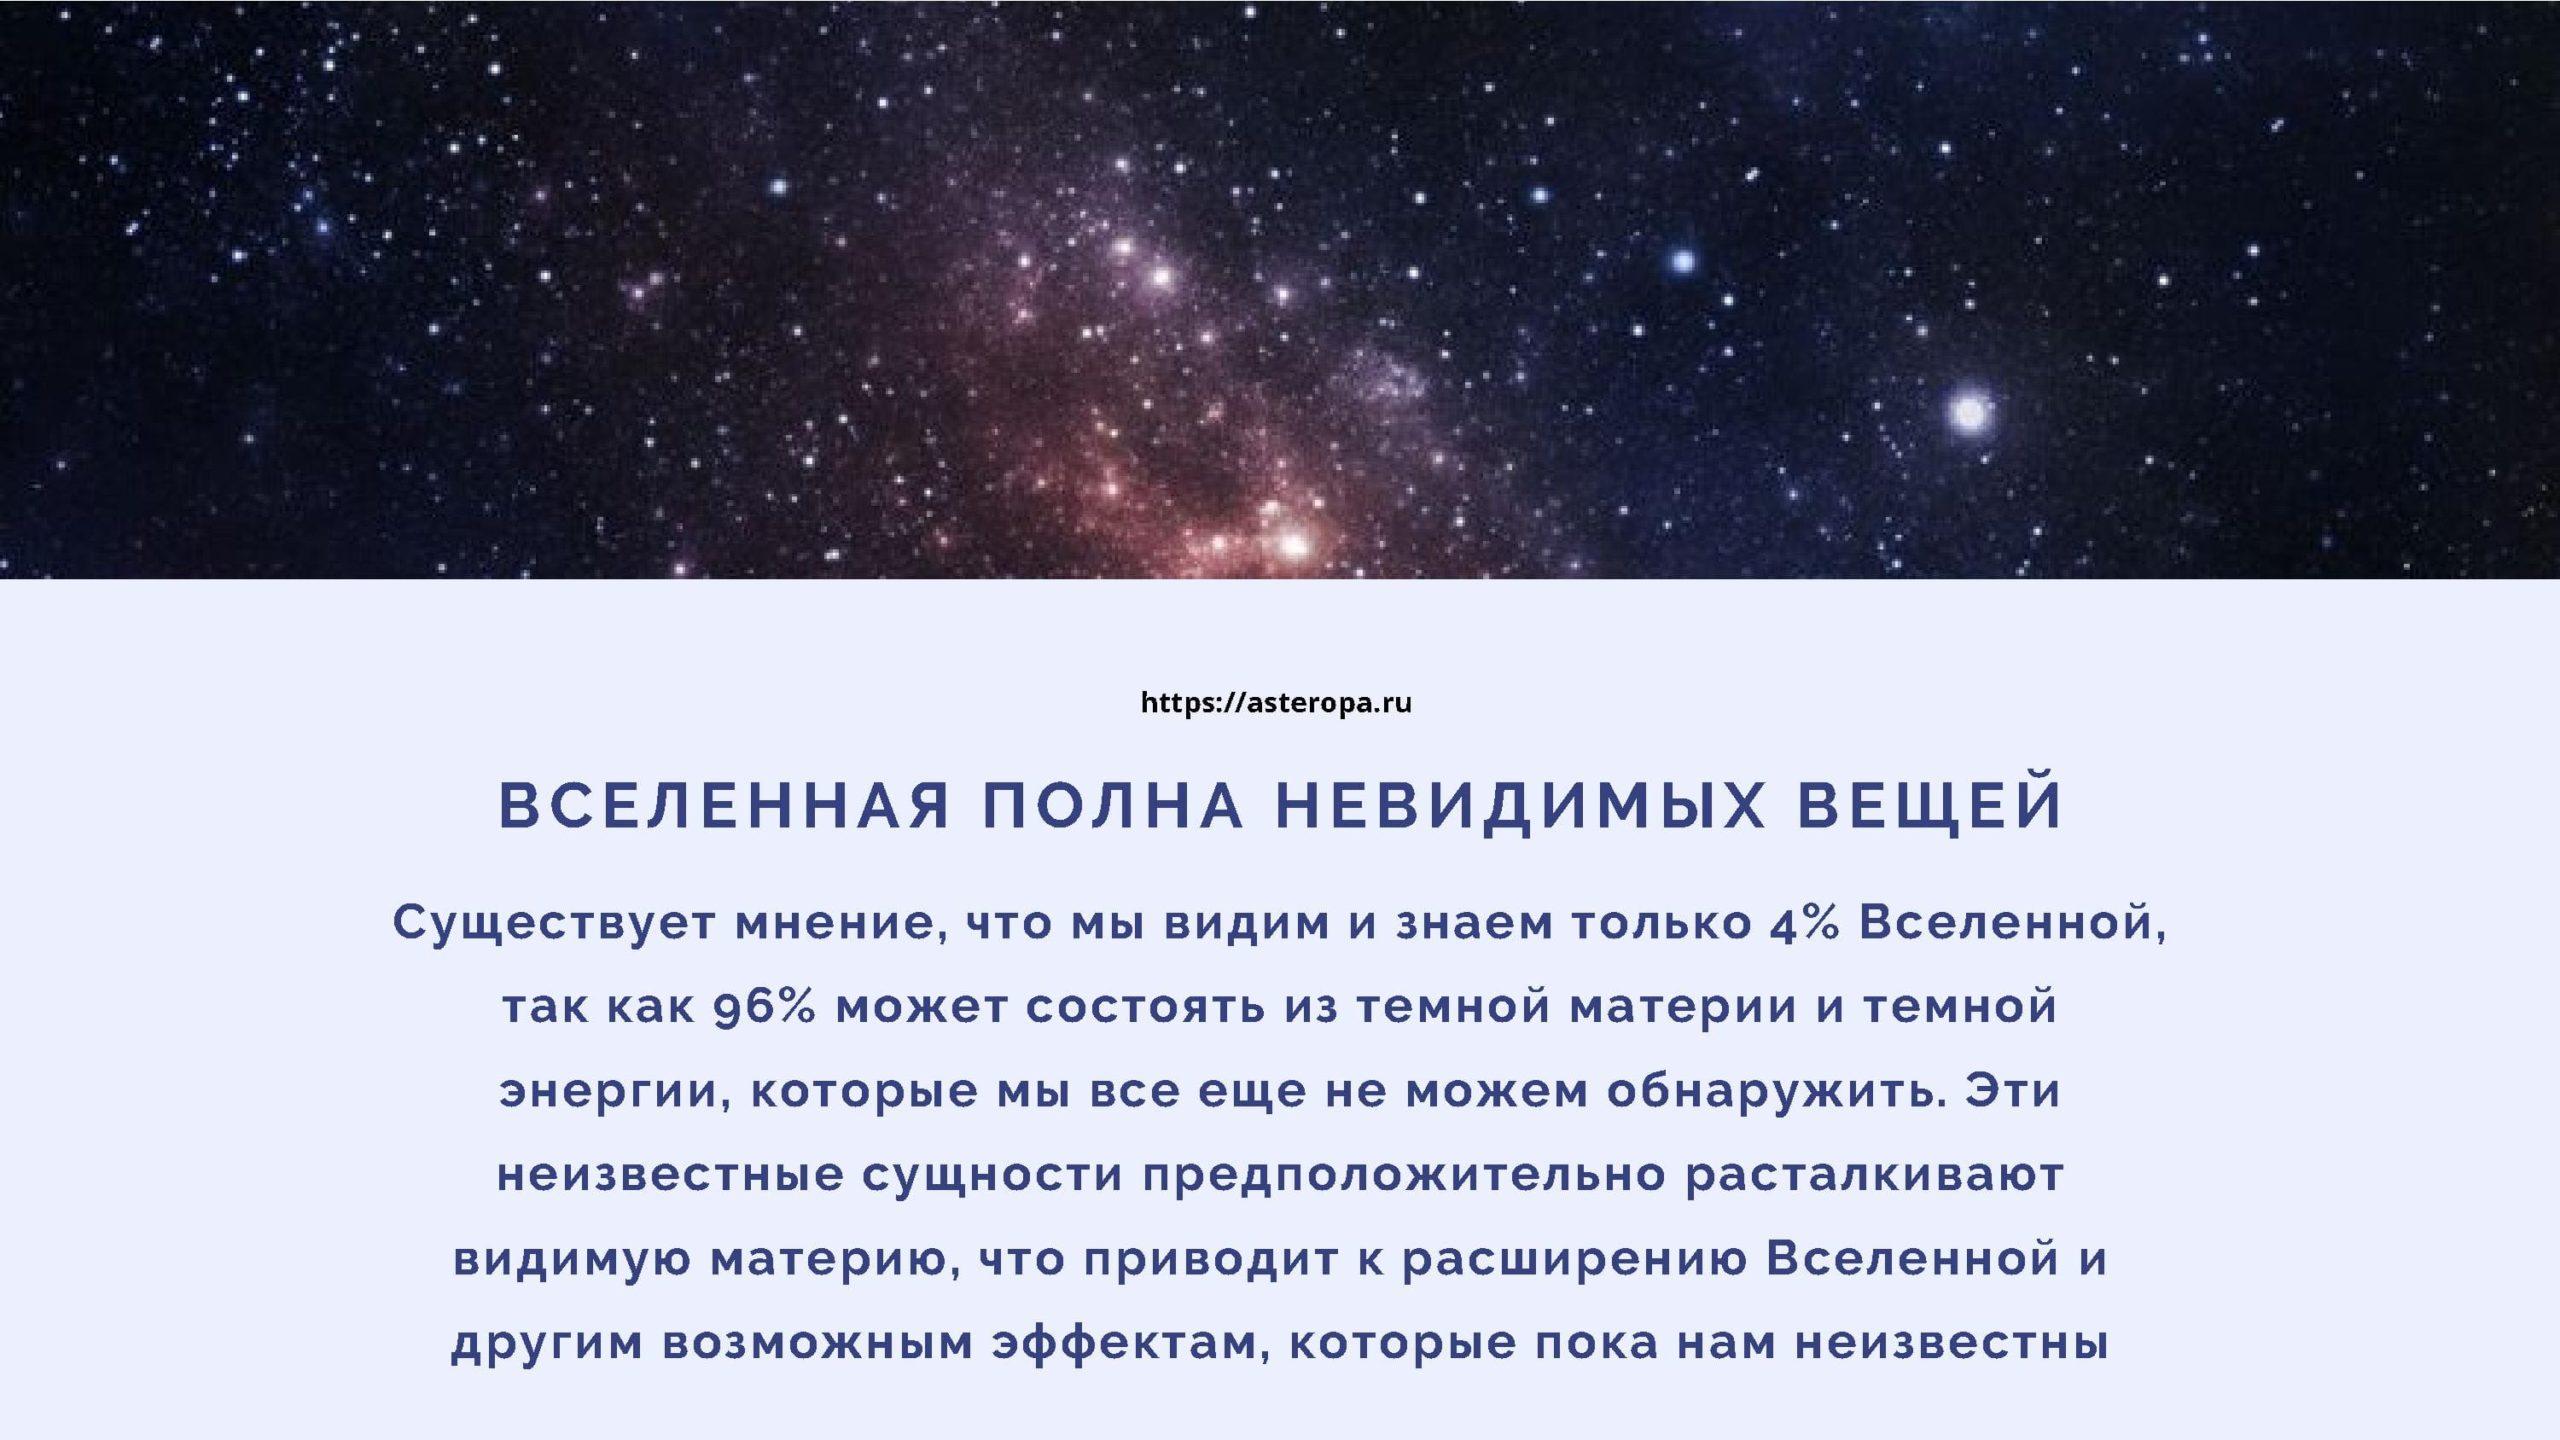 Вселенная полна невидимых вещей